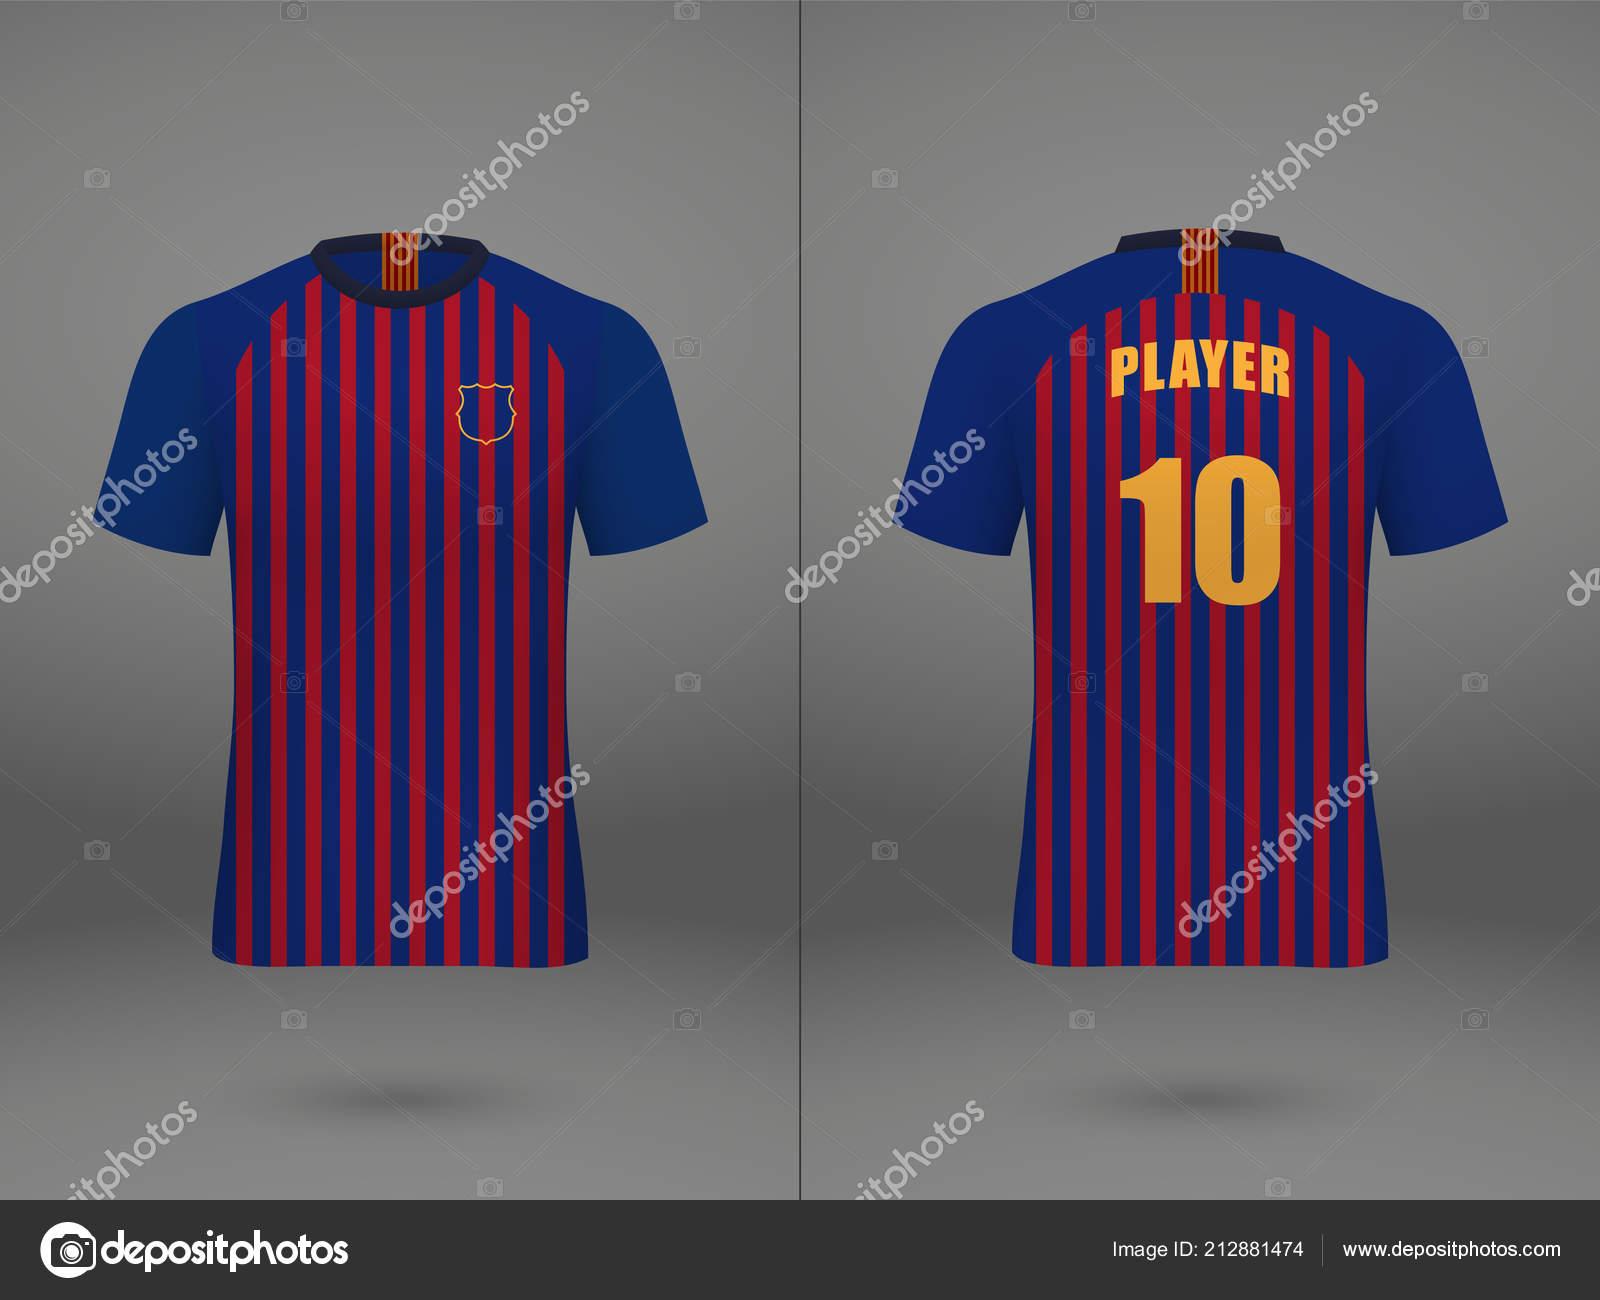 7157629c53def Camiseta de fútbol realista plantilla camiseta en el fondo de la tienda  maqueta de uniformes de